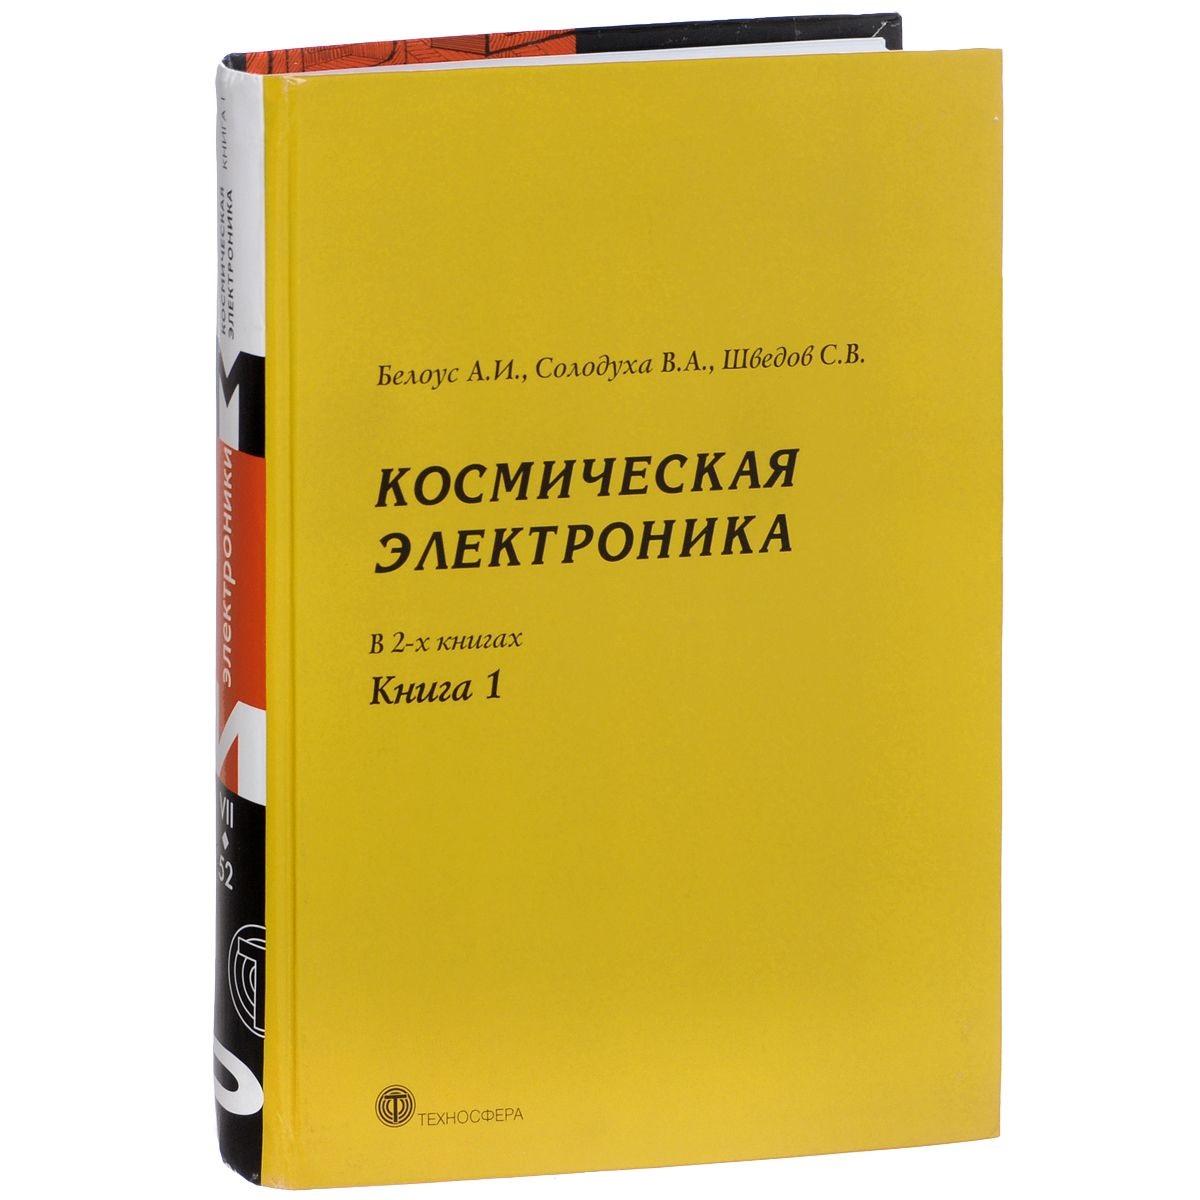 Белоус А., Солодуха В., Шведов С. Космическая электроника В 2-х книгах Книга 1